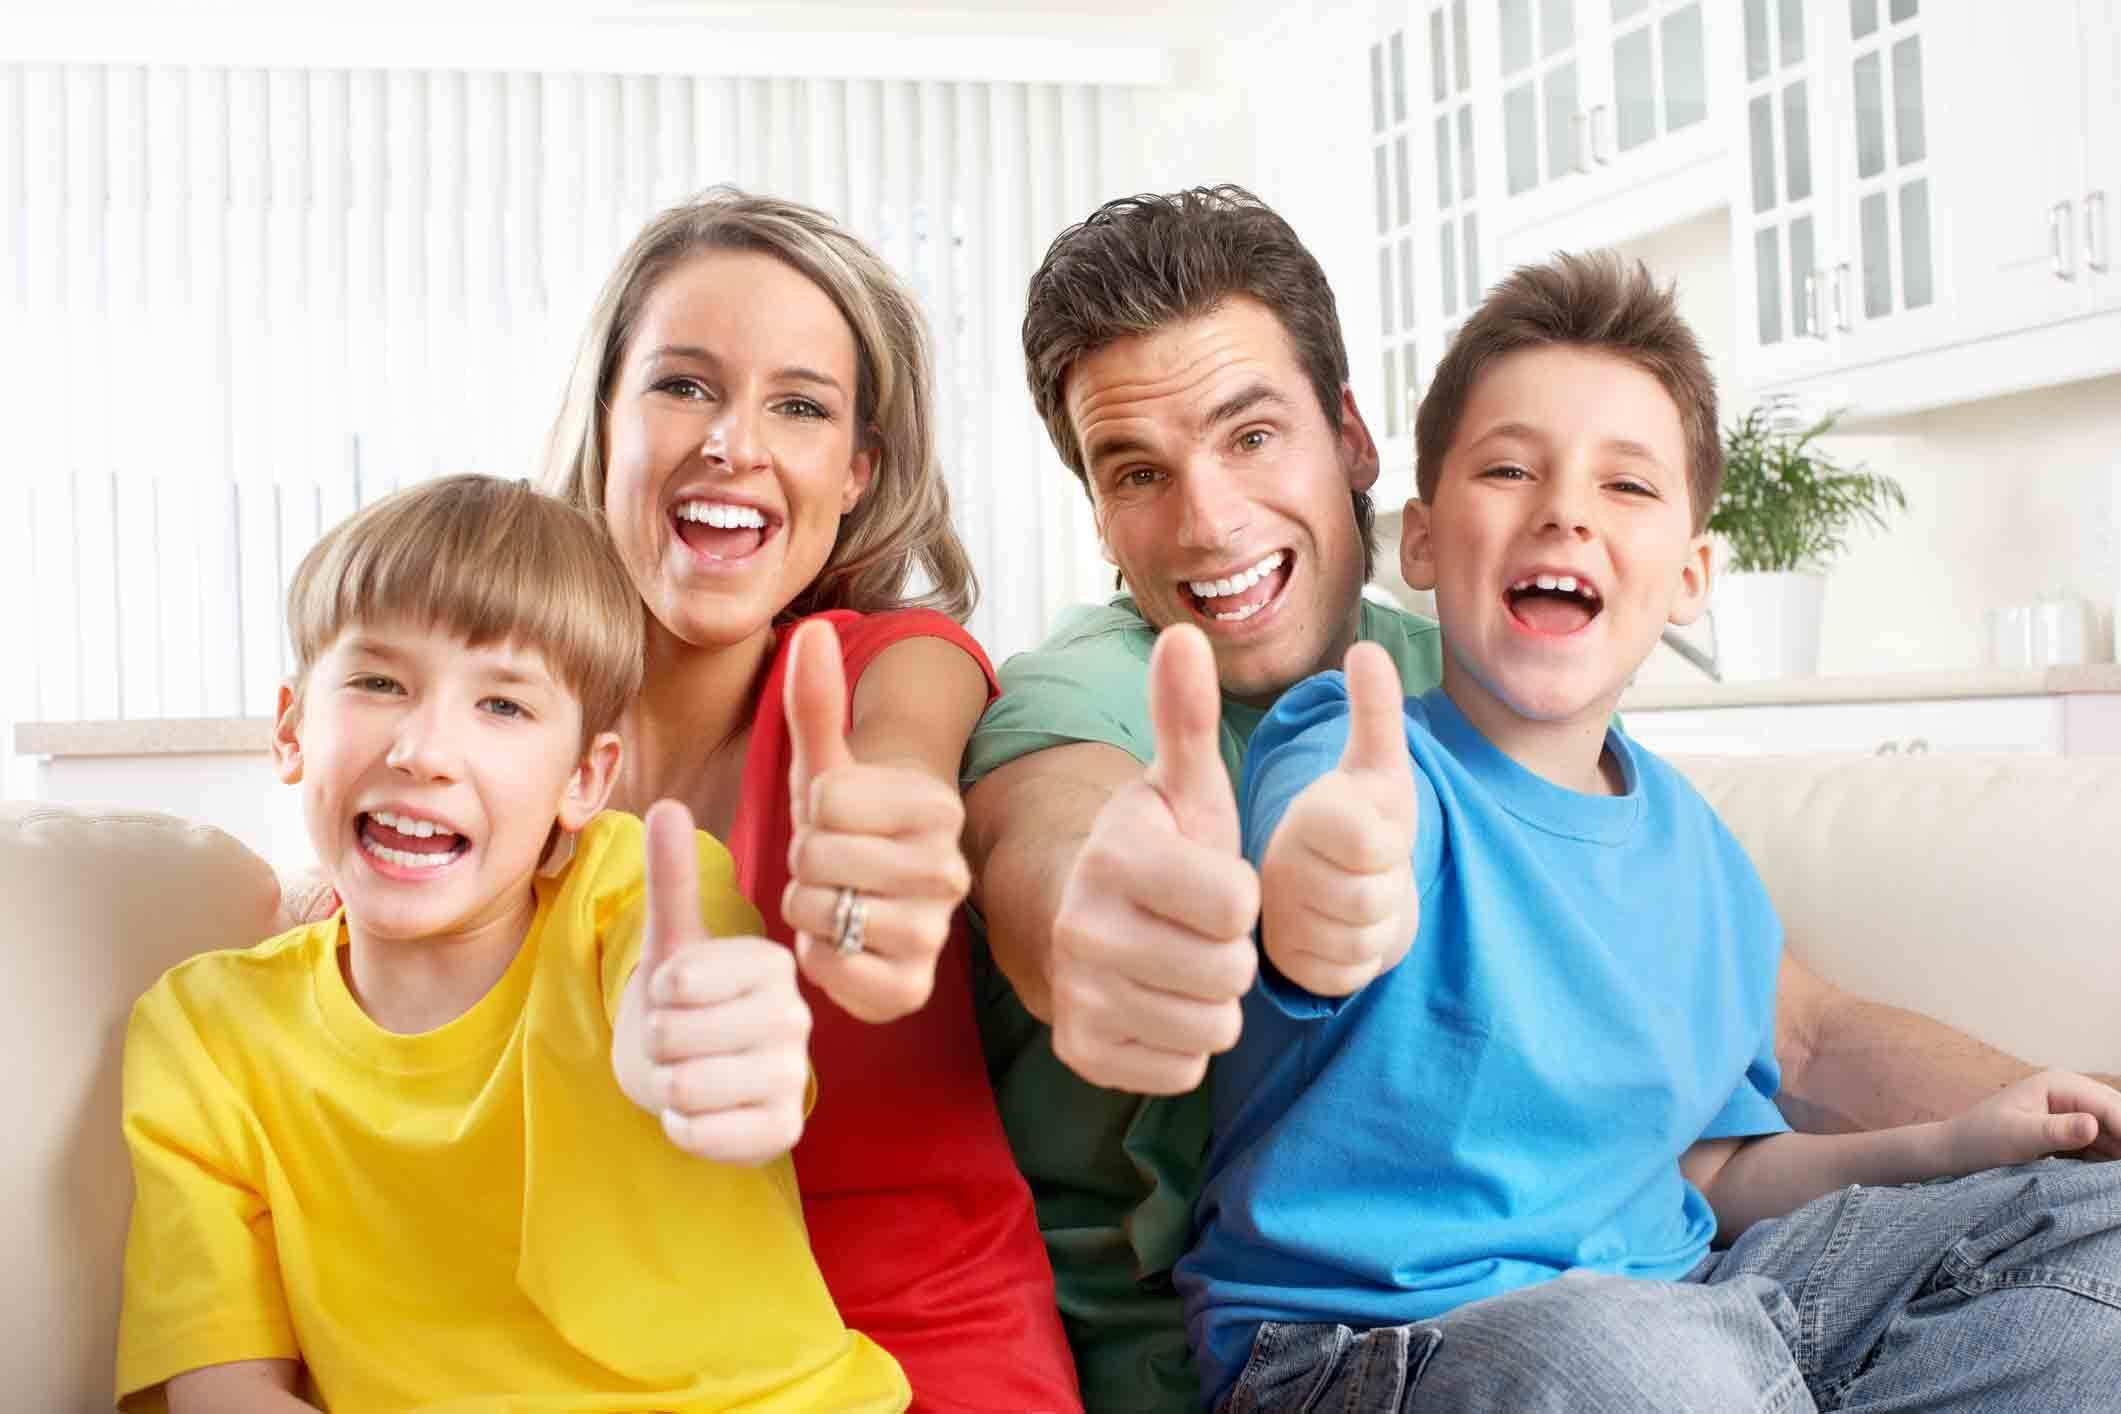 صورة لا تغتالوا ثقة أطفالكم.. 8 أخطاء عليكم تجنبها في تربية فلذات أكبادكم